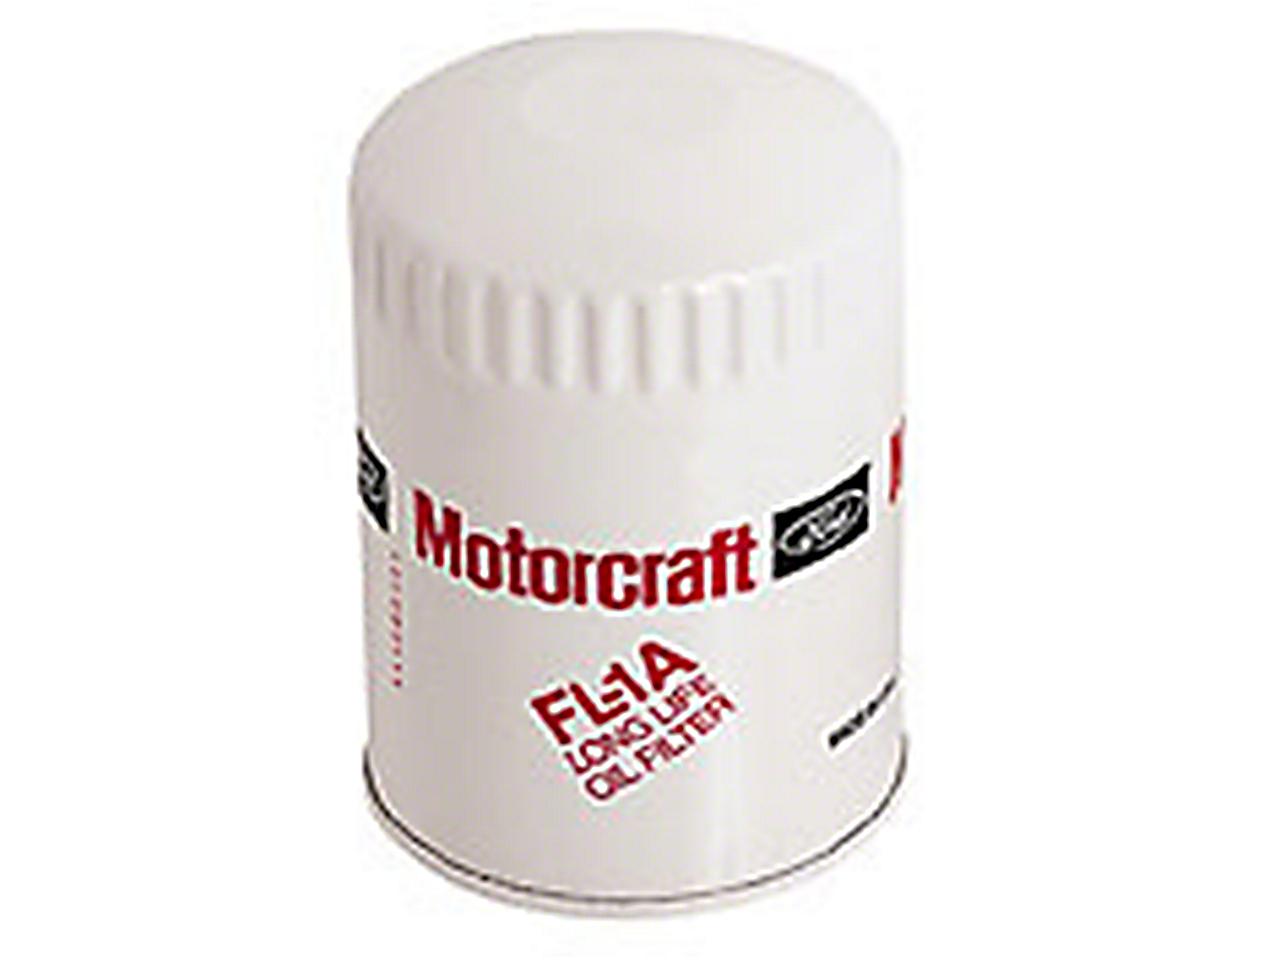 Ford Motorcraft OEM Oil Filter (87-95 5.0L)